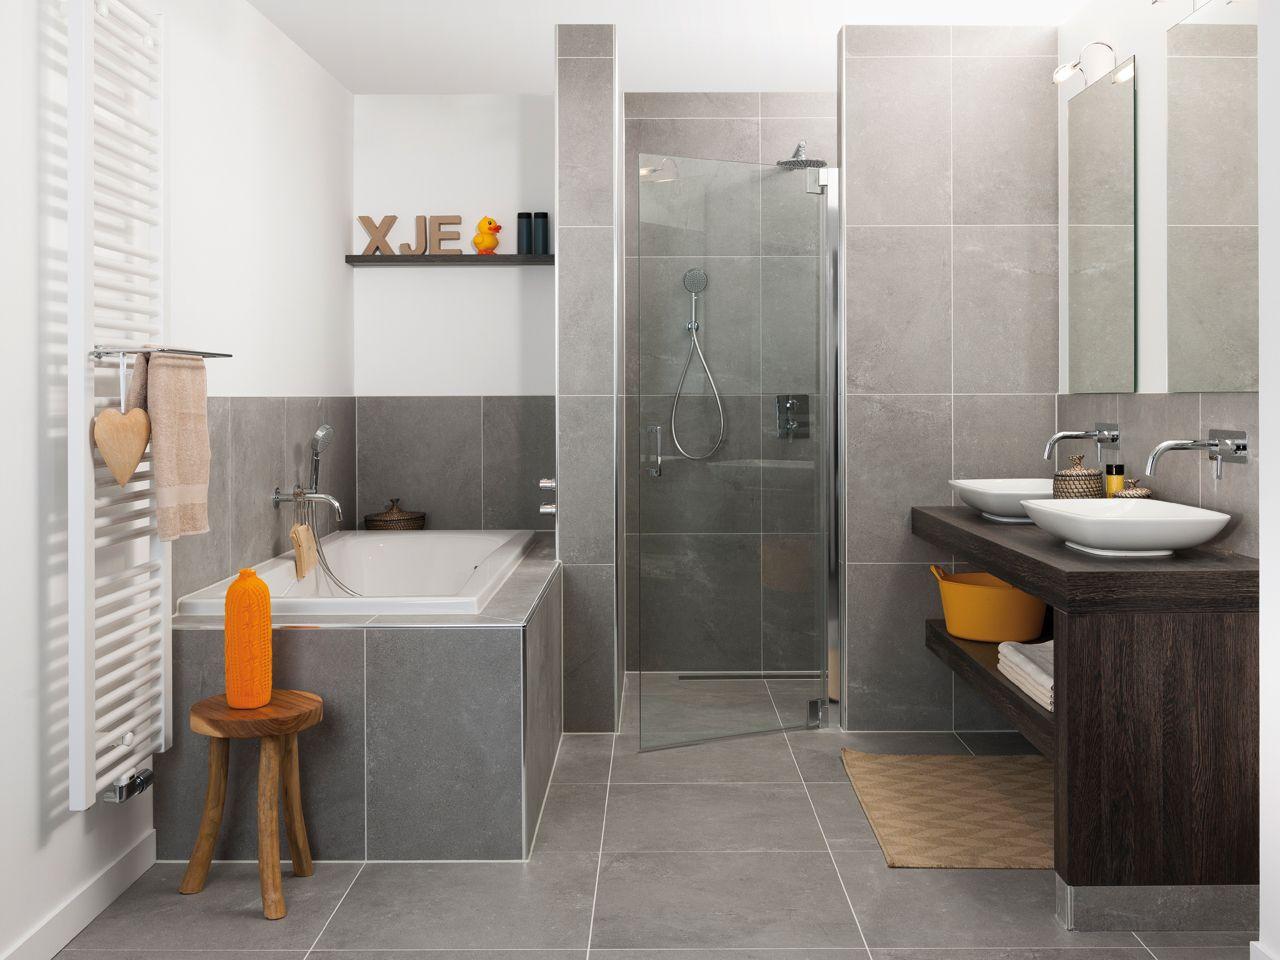 Badkamer Trends Tegels : Badkamertrends voor badkamer badkamer bad en kleine badkamer